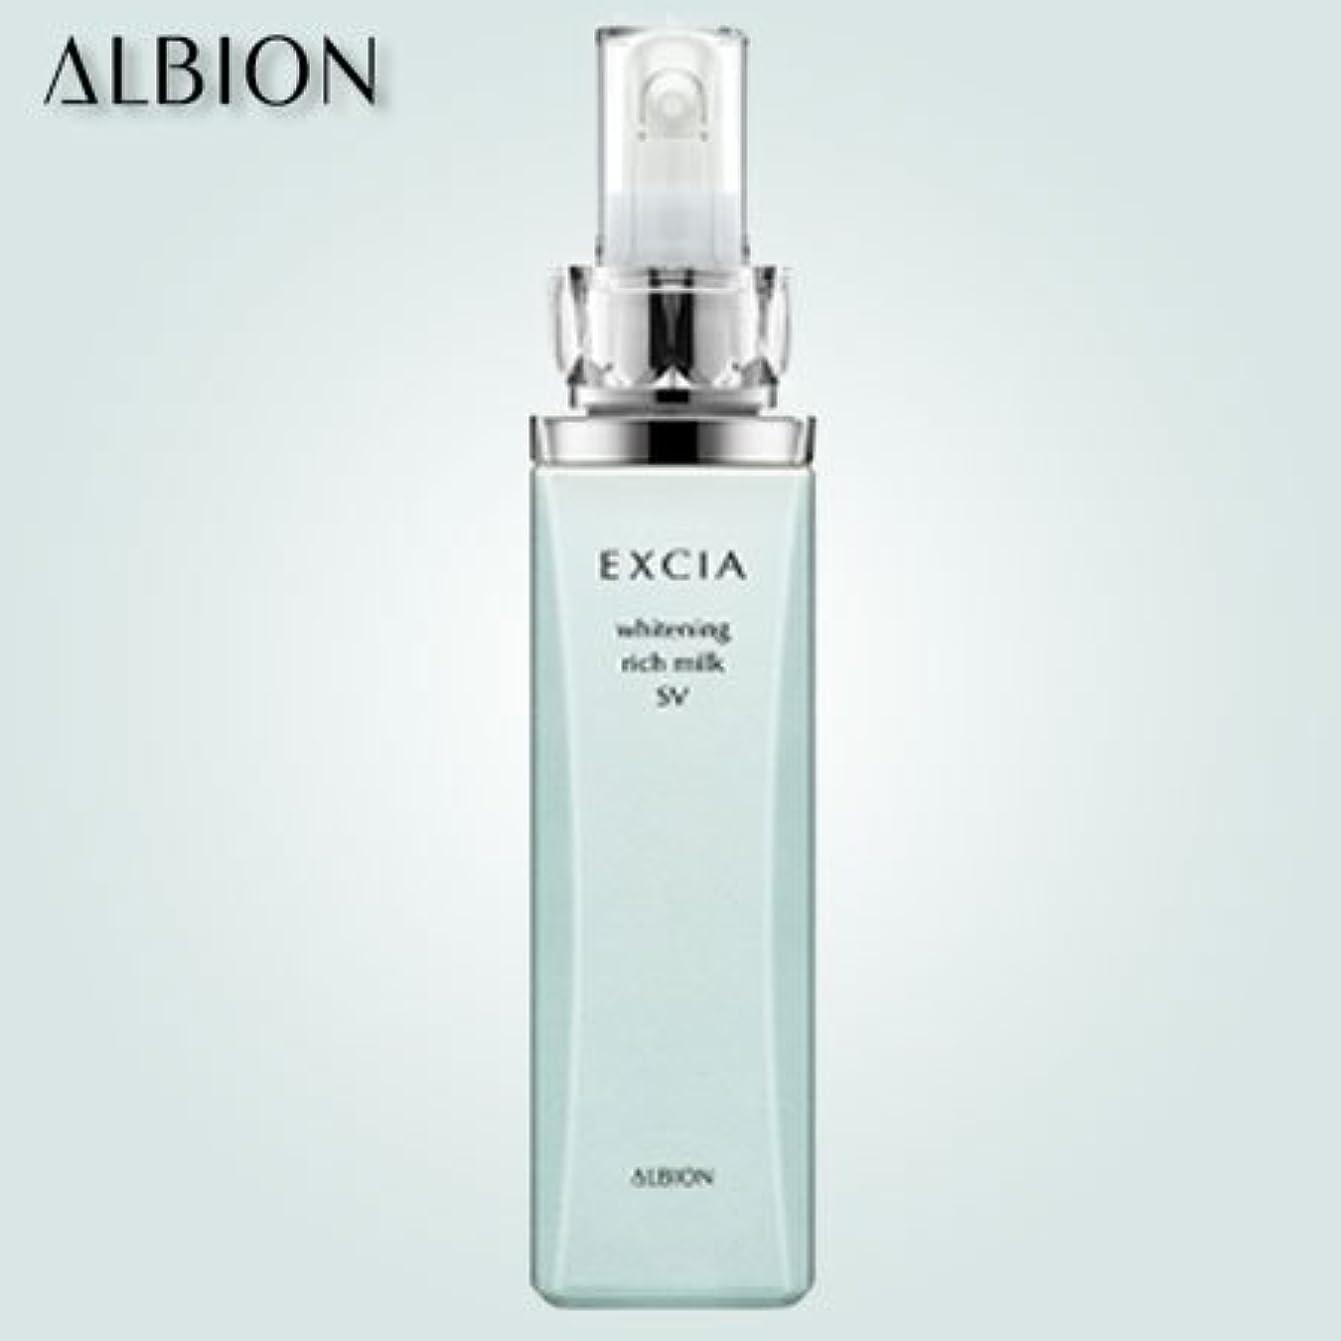 宗教的なバズ煙突アルビオン エクシアAL ホワイトニング エクストラリッチミルク SV(ノーマル~ドライスキン用)200g-ALBION-